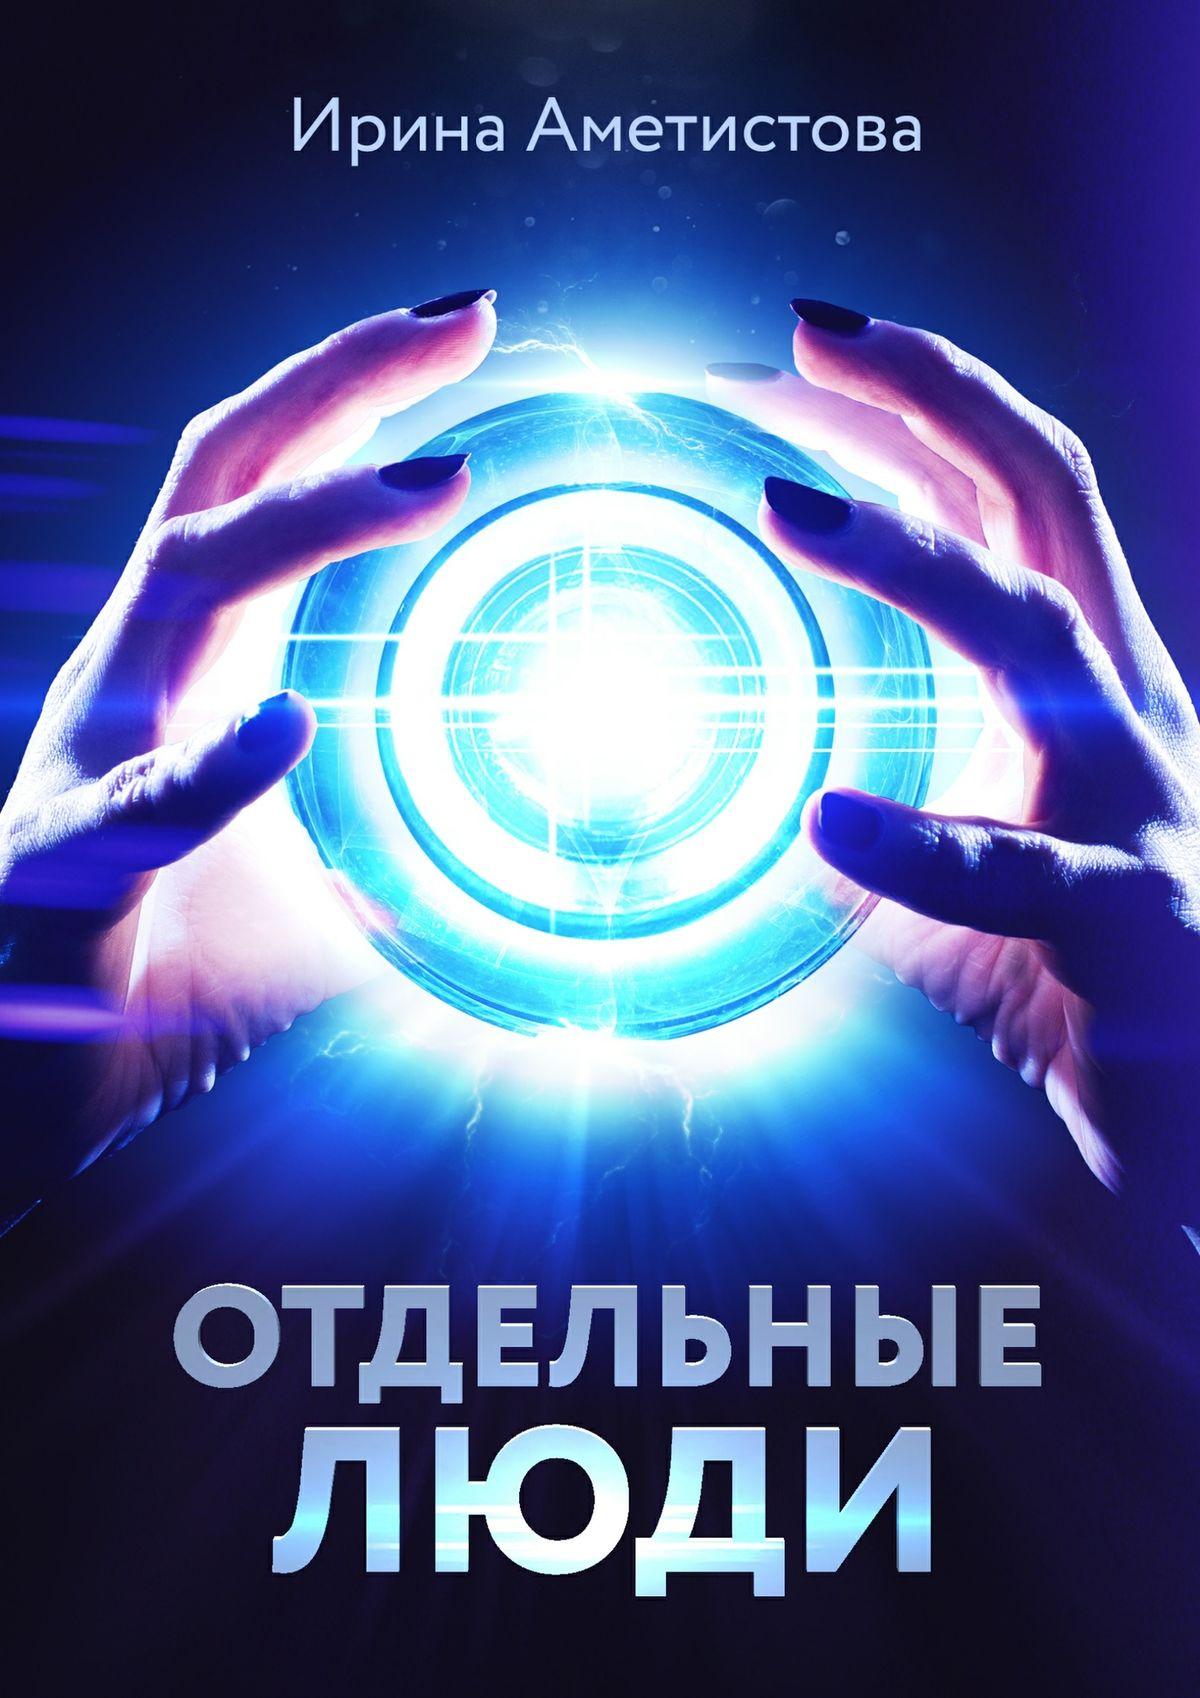 Ирина Аметистова Отдельныелюди